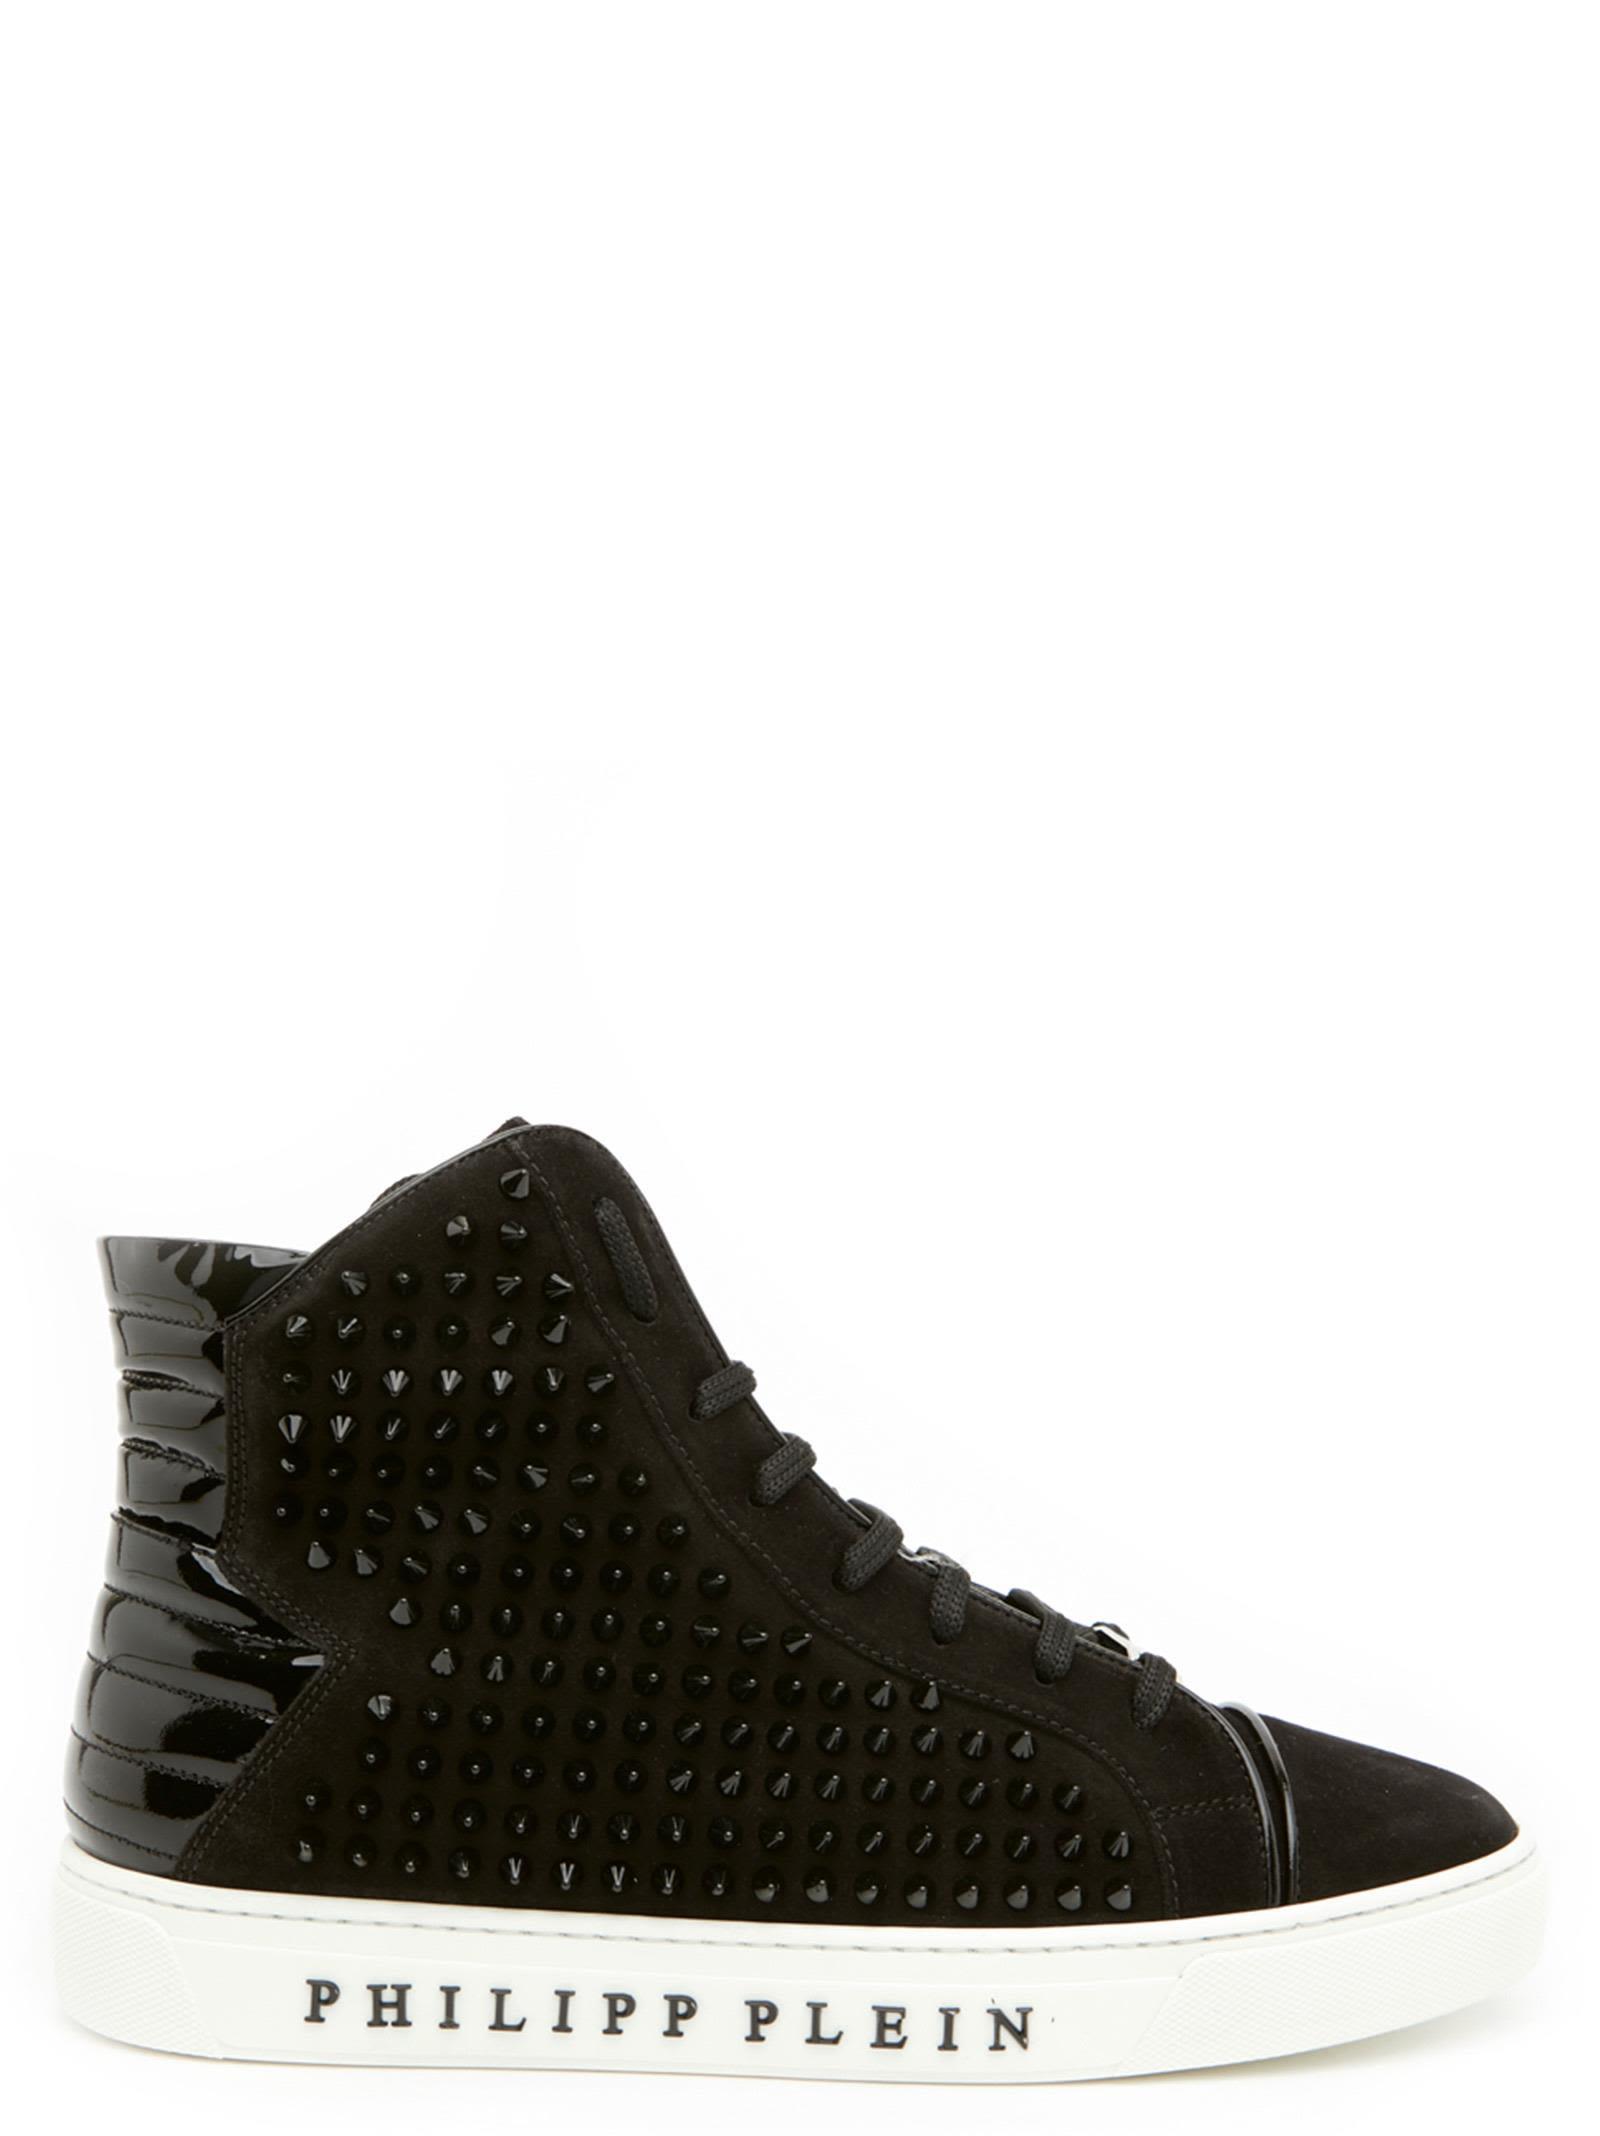 Philipp Plein 'dark Brown' Shoes